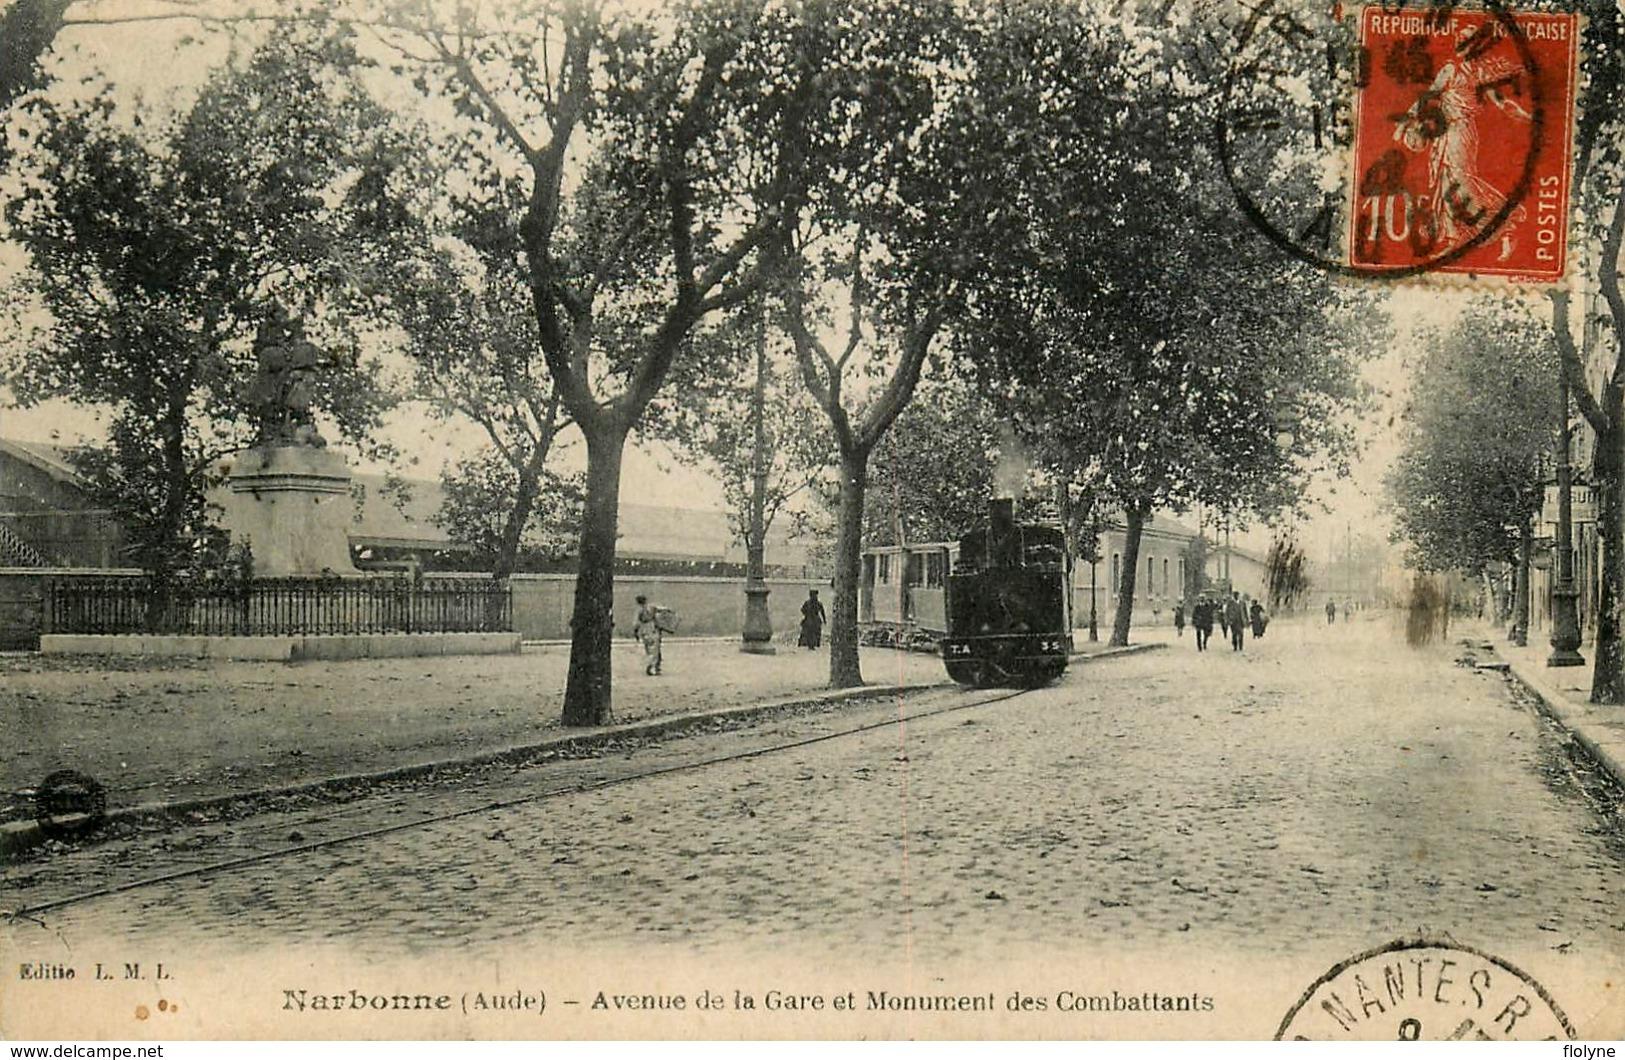 Narbonne - Train Locomotive - Avenue De La Gare Et Monument Des Combattants - Chemin De Fer - Belle Animation - Narbonne